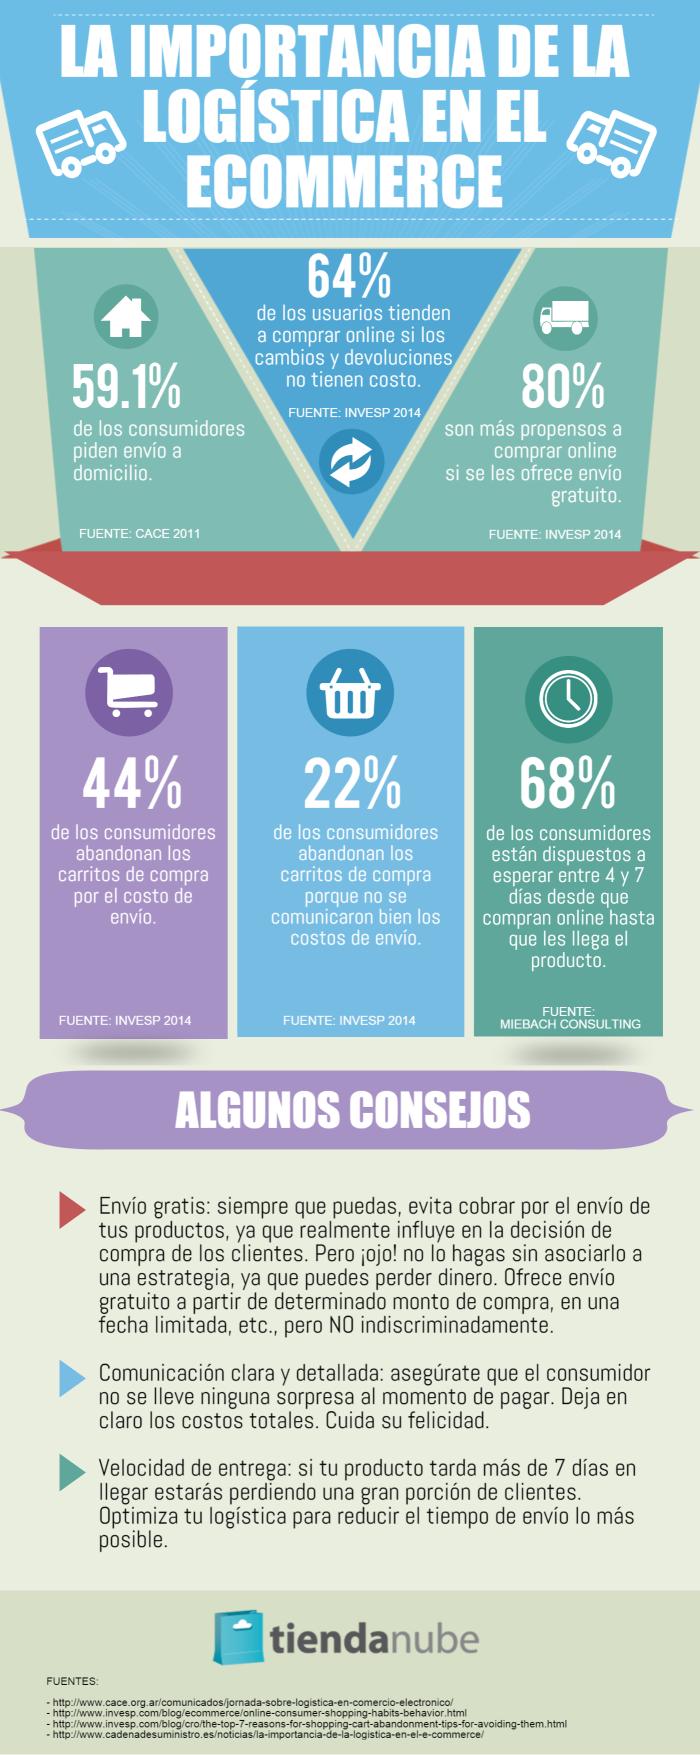 Datos relevantes y consejos sobre la logística en el ecommerce